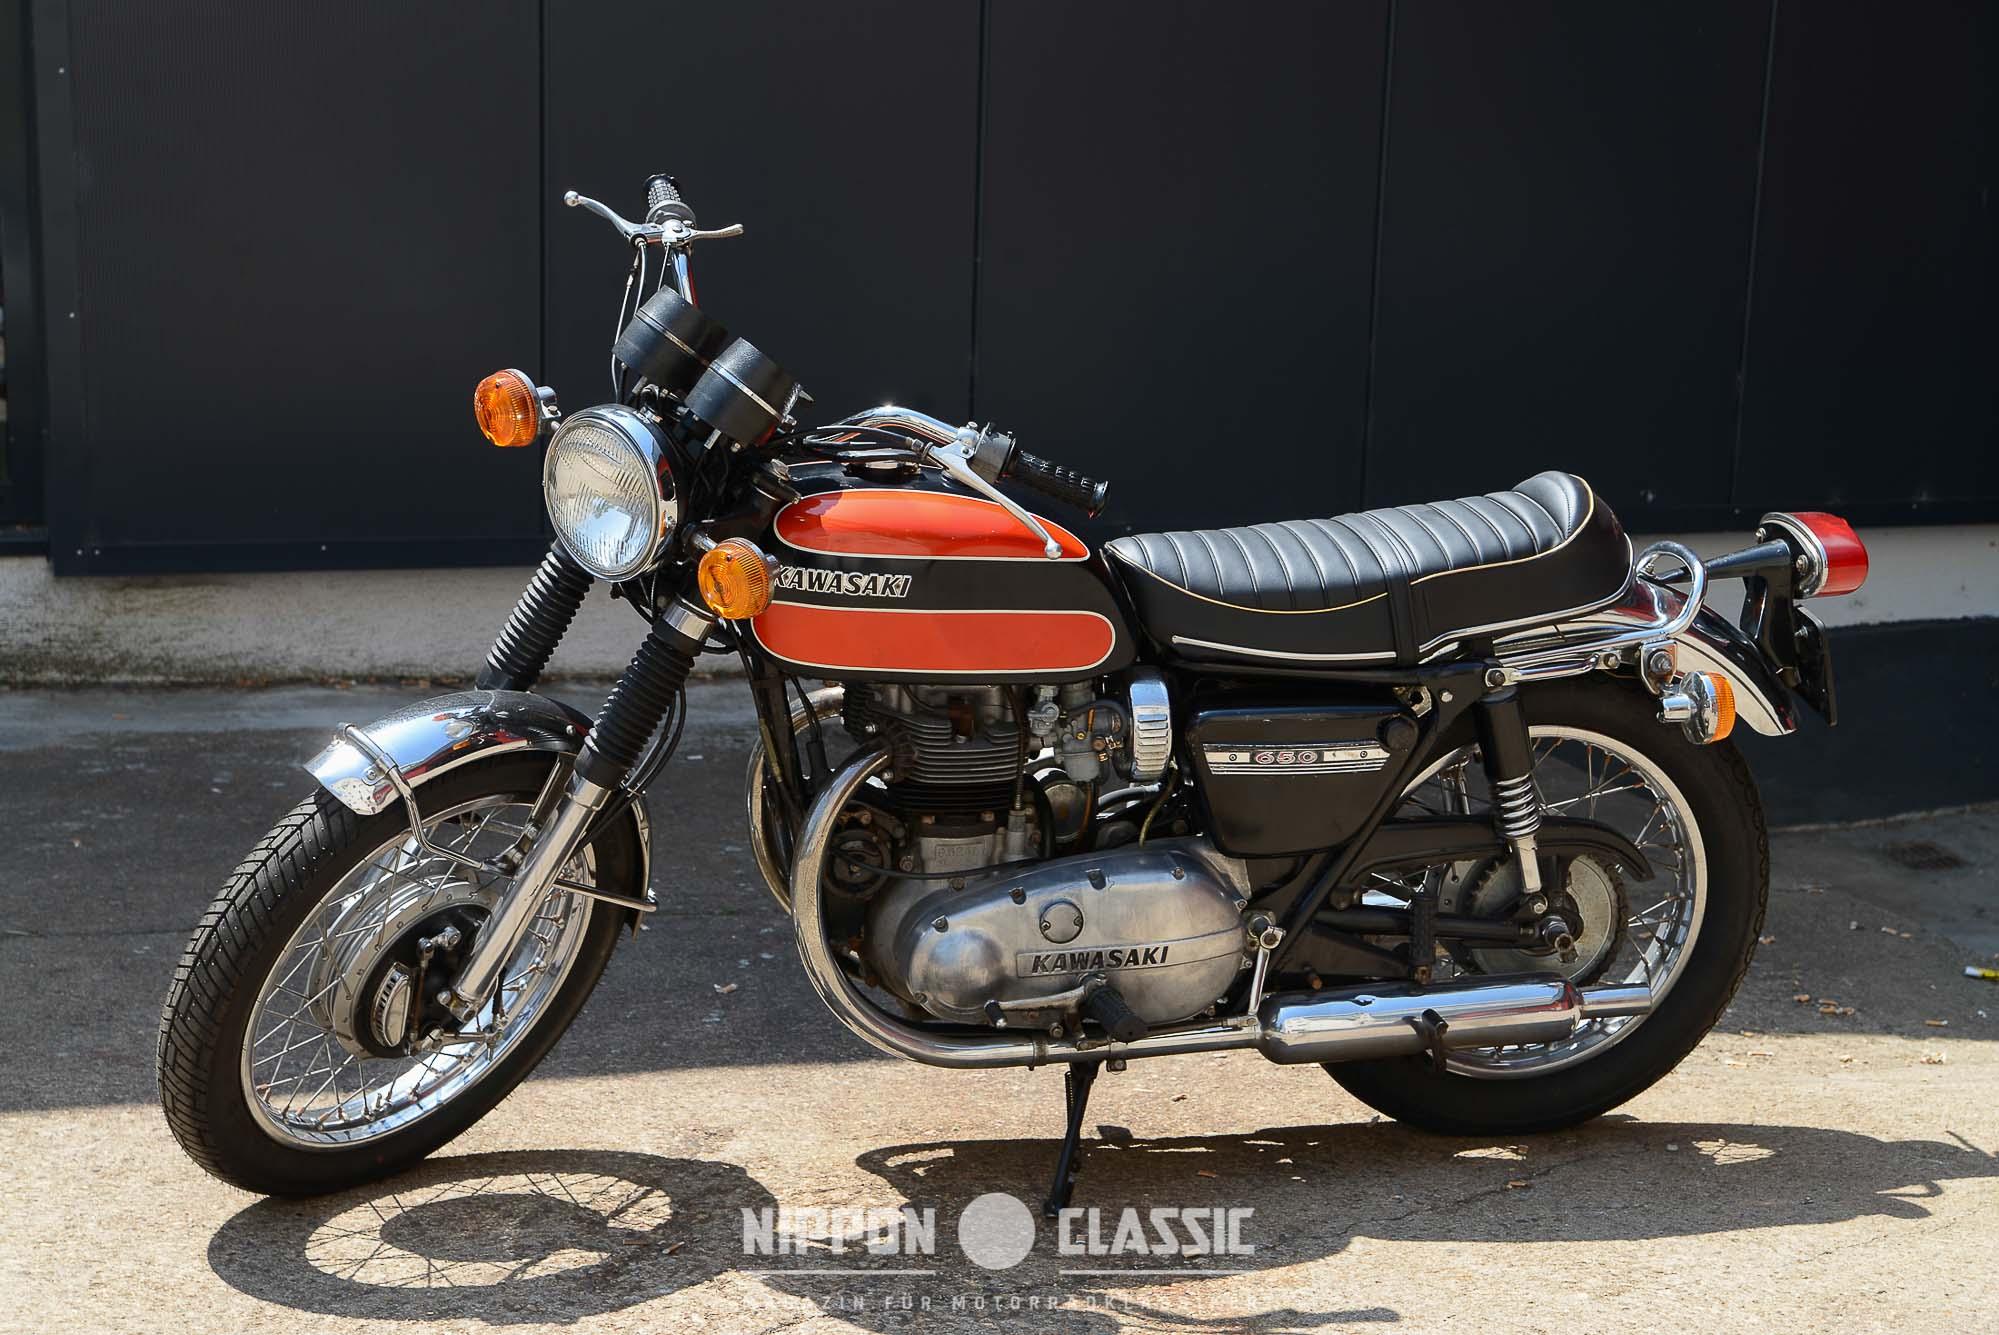 Die Kawasaki W1 650 wurde erstmals 1966 in Nordamerika vertrieben